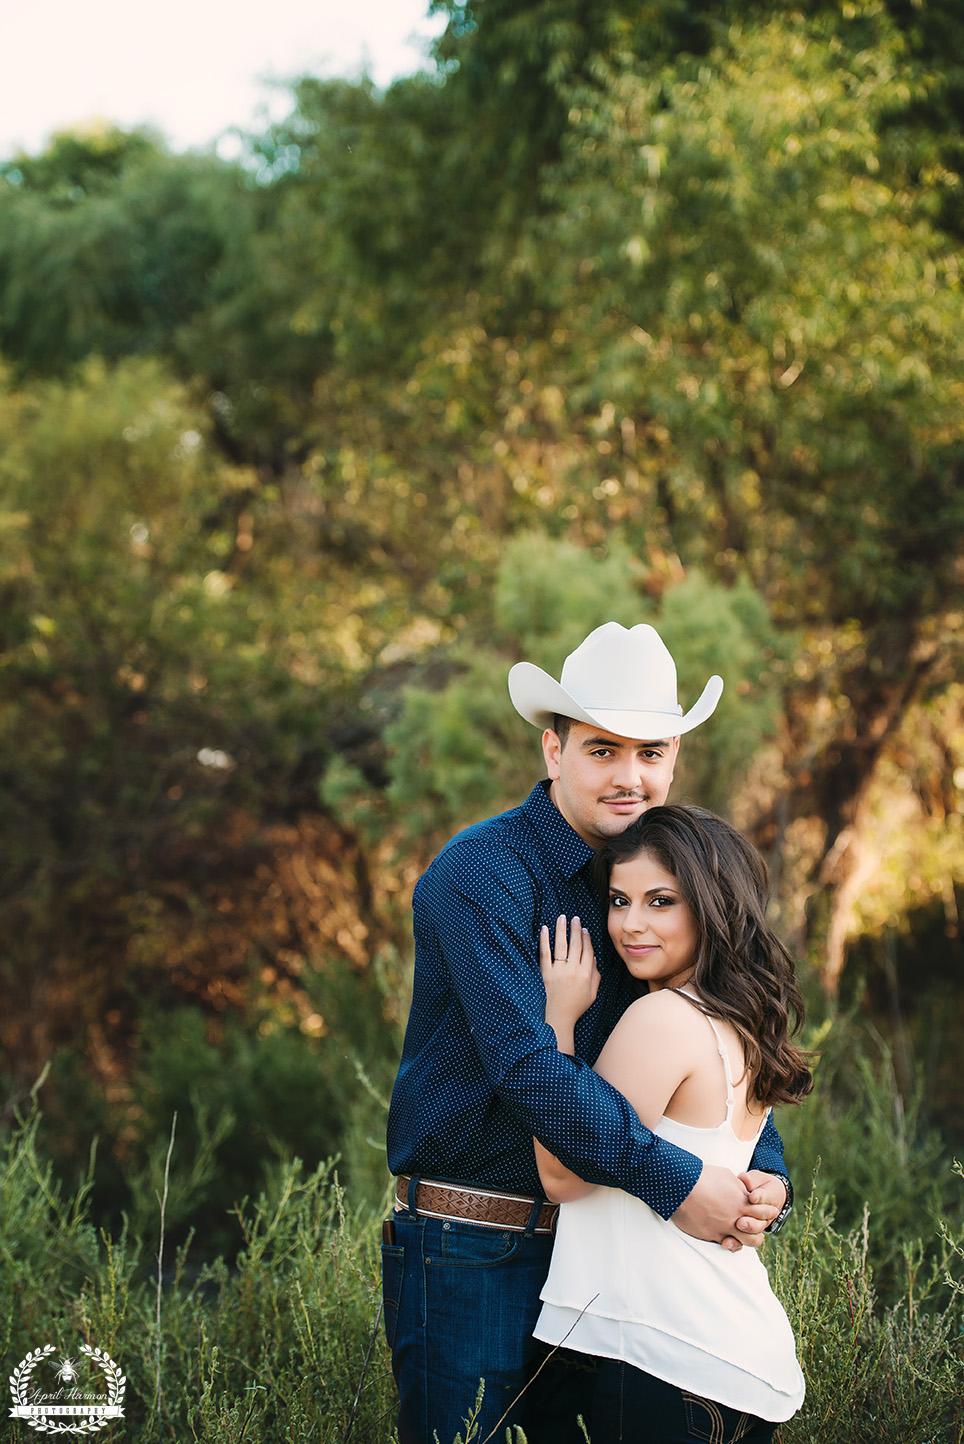 engagement-photography-southwest-ks-6.jpg